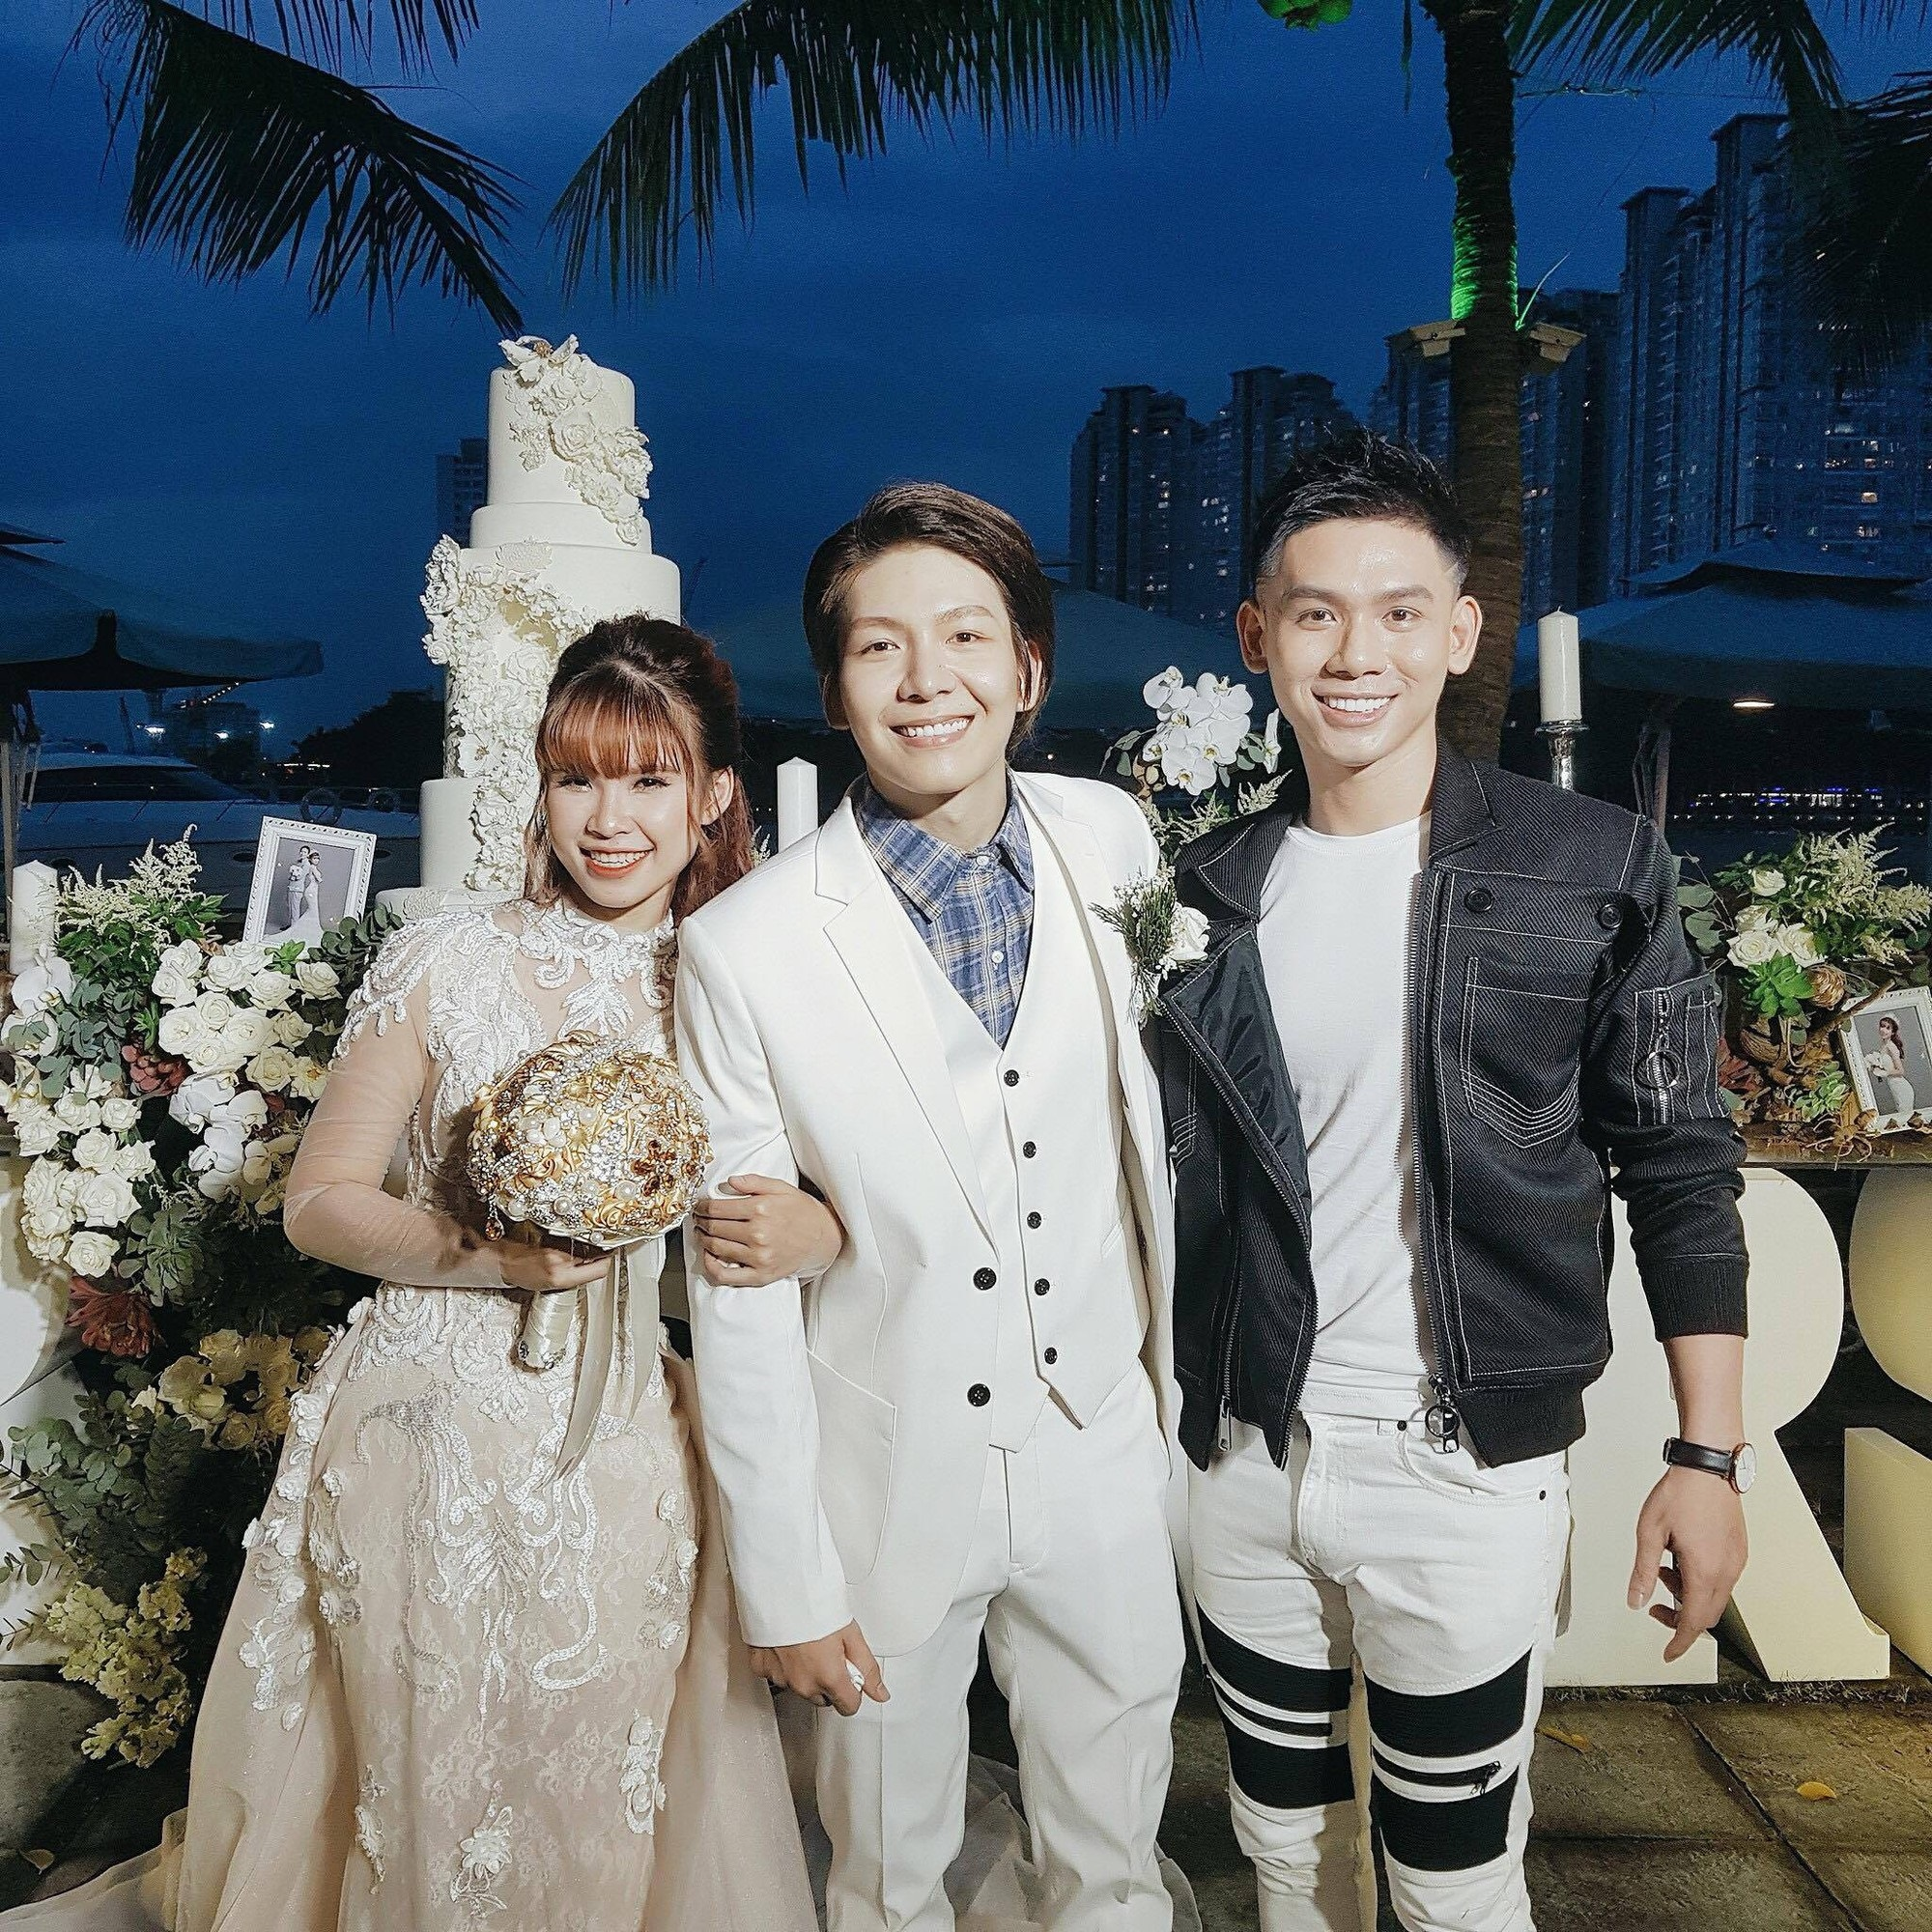 Cập nhật: Vợ chồng Kelvin Khánh - Khởi My diện trang phục giản dị, quậy tưng bừng trong tiệc cưới - Ảnh 4